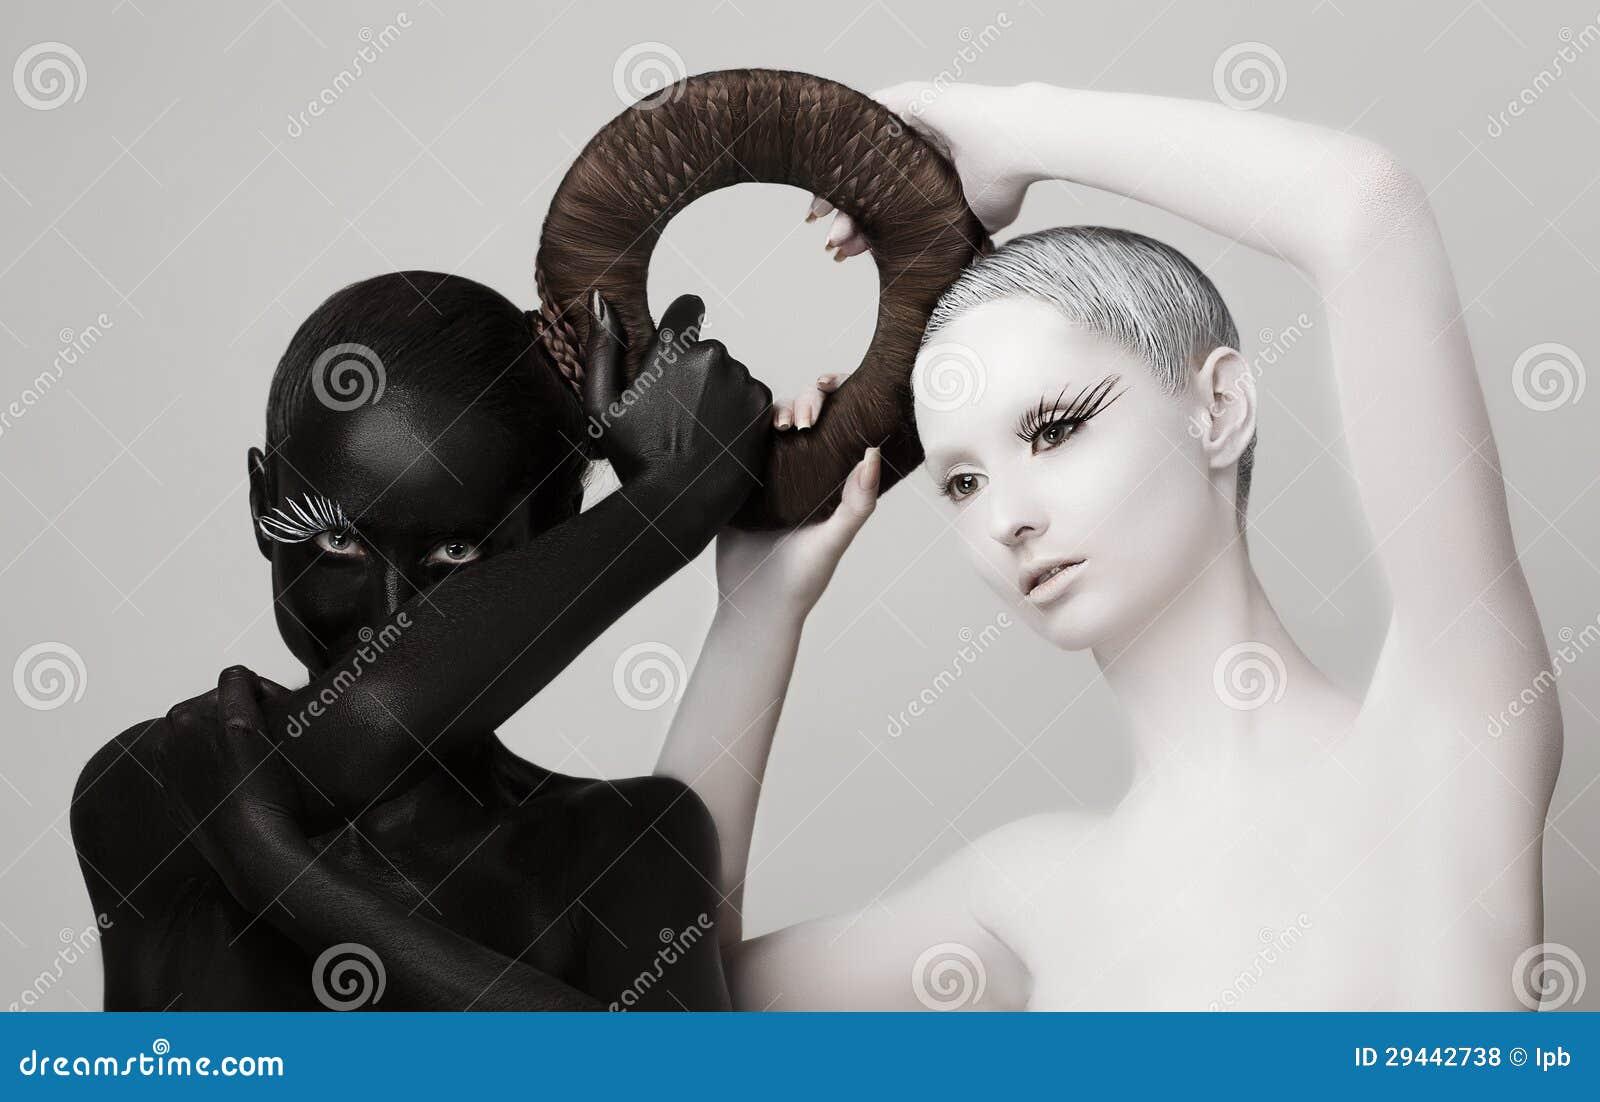 Fantasía. Símbolo esotérico de Yin y de Yang. Siluetas de las mujeres negras y blancas